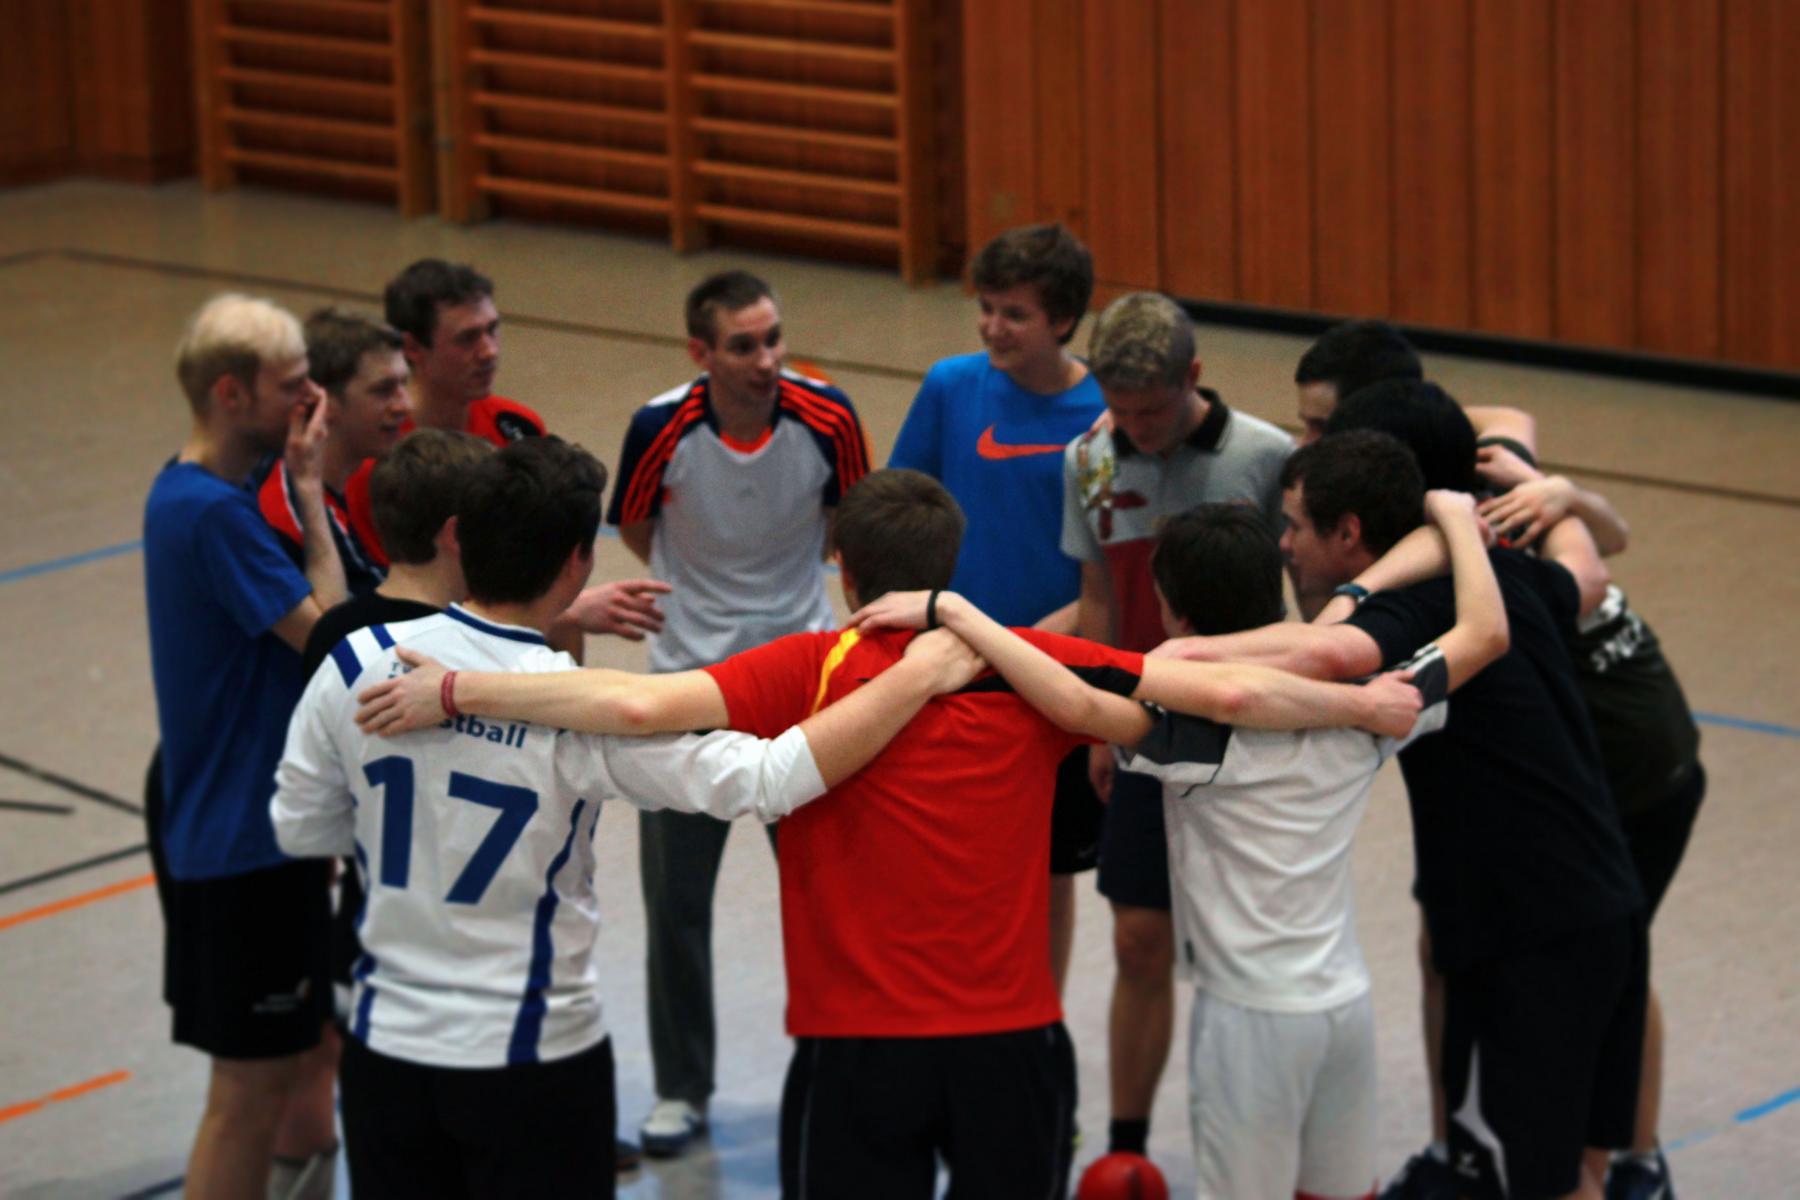 EJÖ Öschelbronn CIA Jugendarbeit Sport